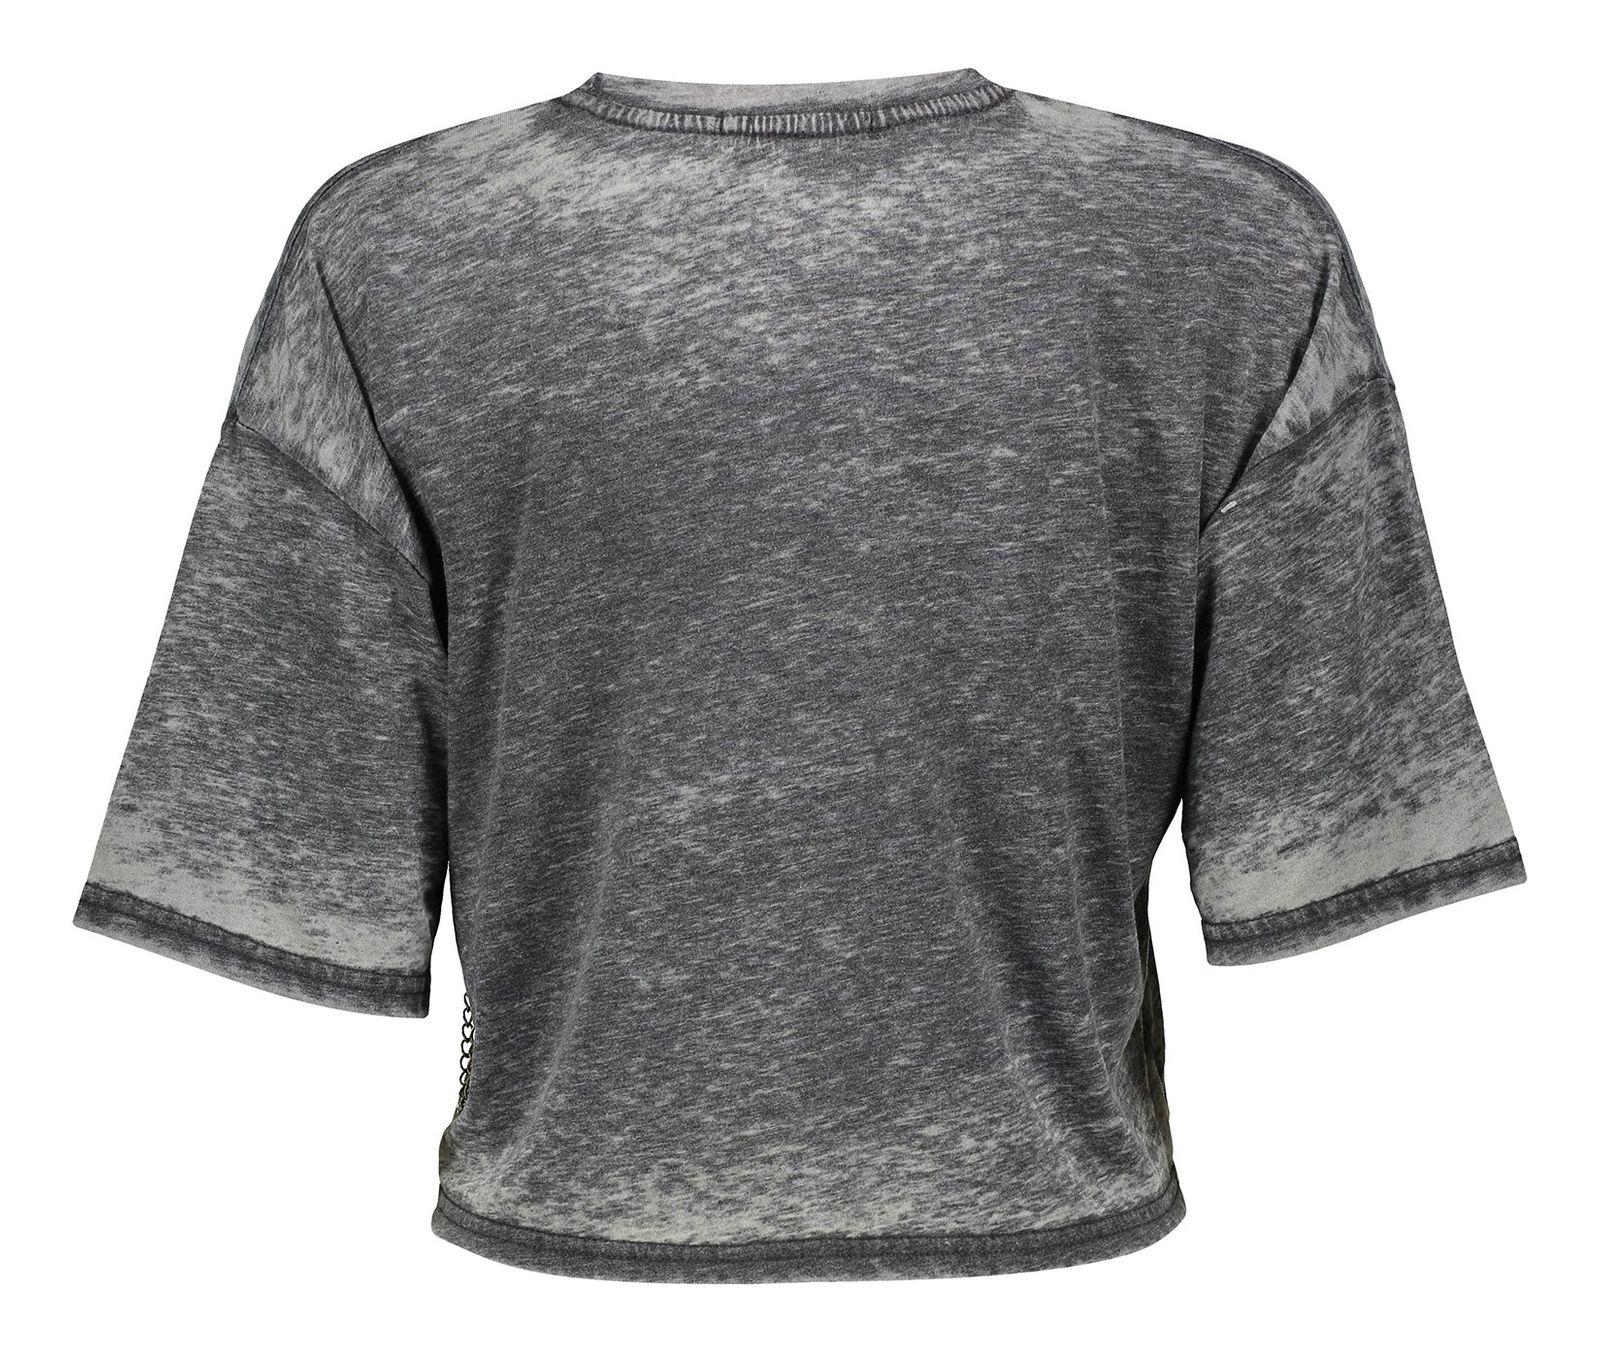 تی شرت یقه گرد زنانه - میسگایدد - طوسي - 2